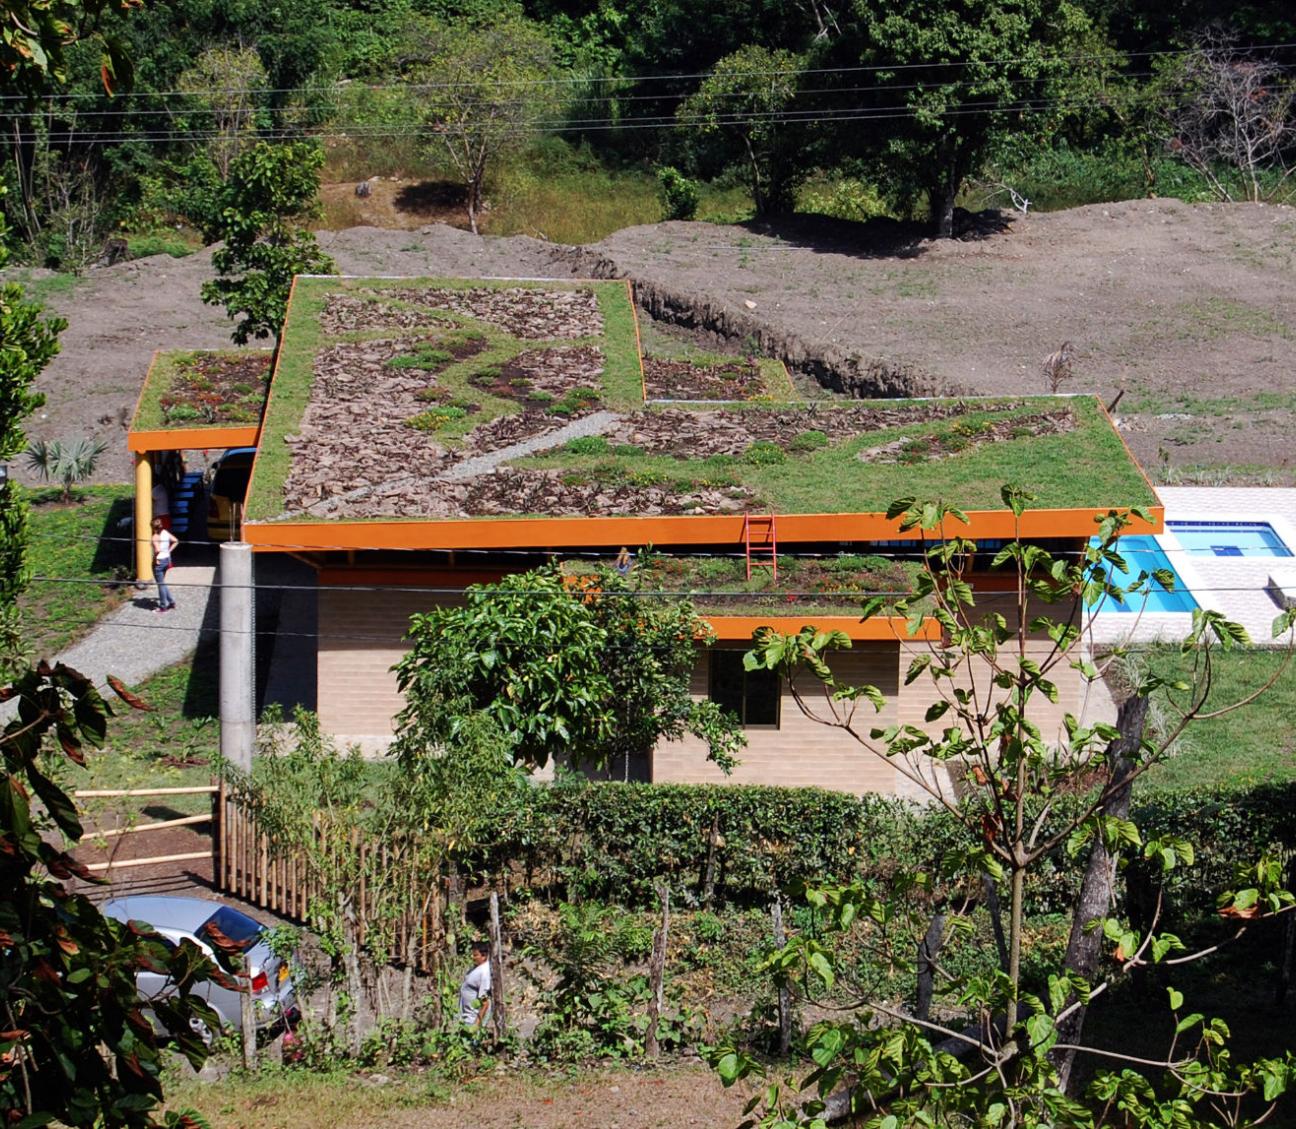 sinelco, sistema ecologico de construccion